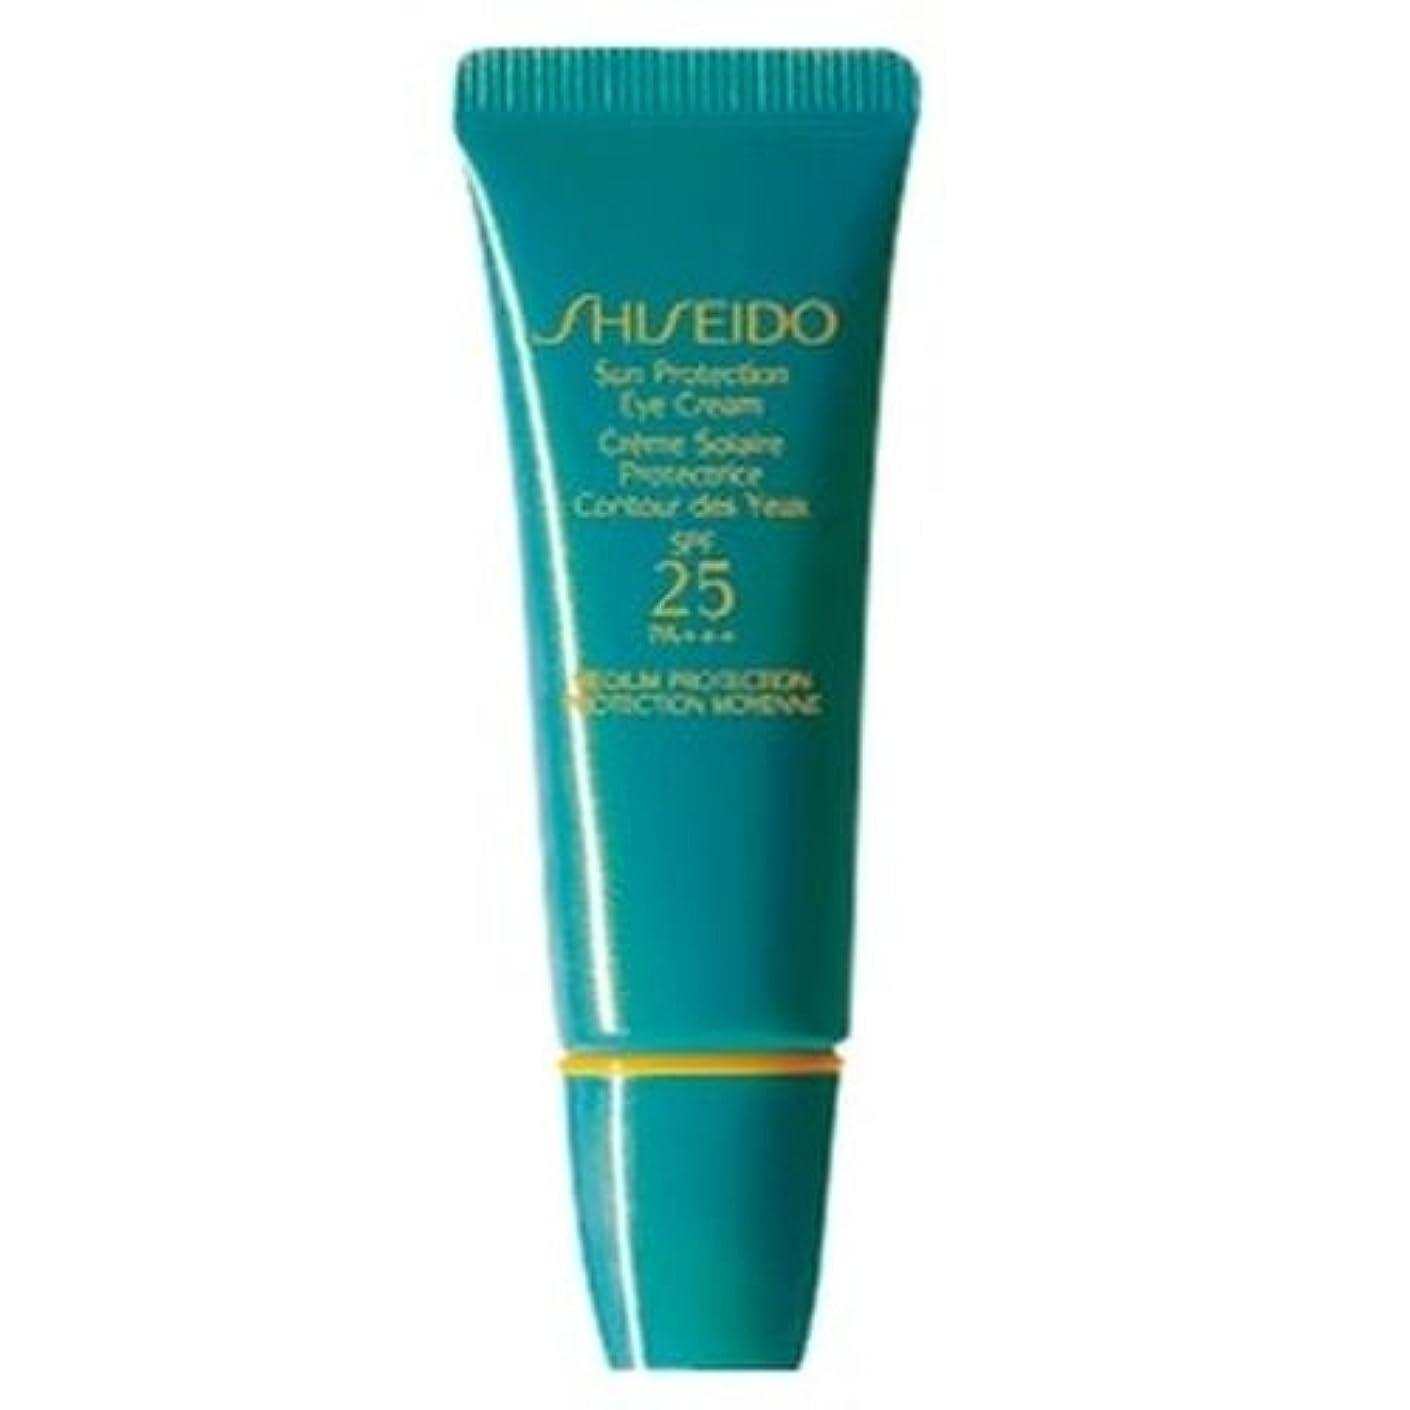 理容室アラスカ欠席[Shiseido] 資生堂サンプロテクションアイクリーム15ミリリットル - Shiseido Sun Protection Eye Cream 15ml [並行輸入品]